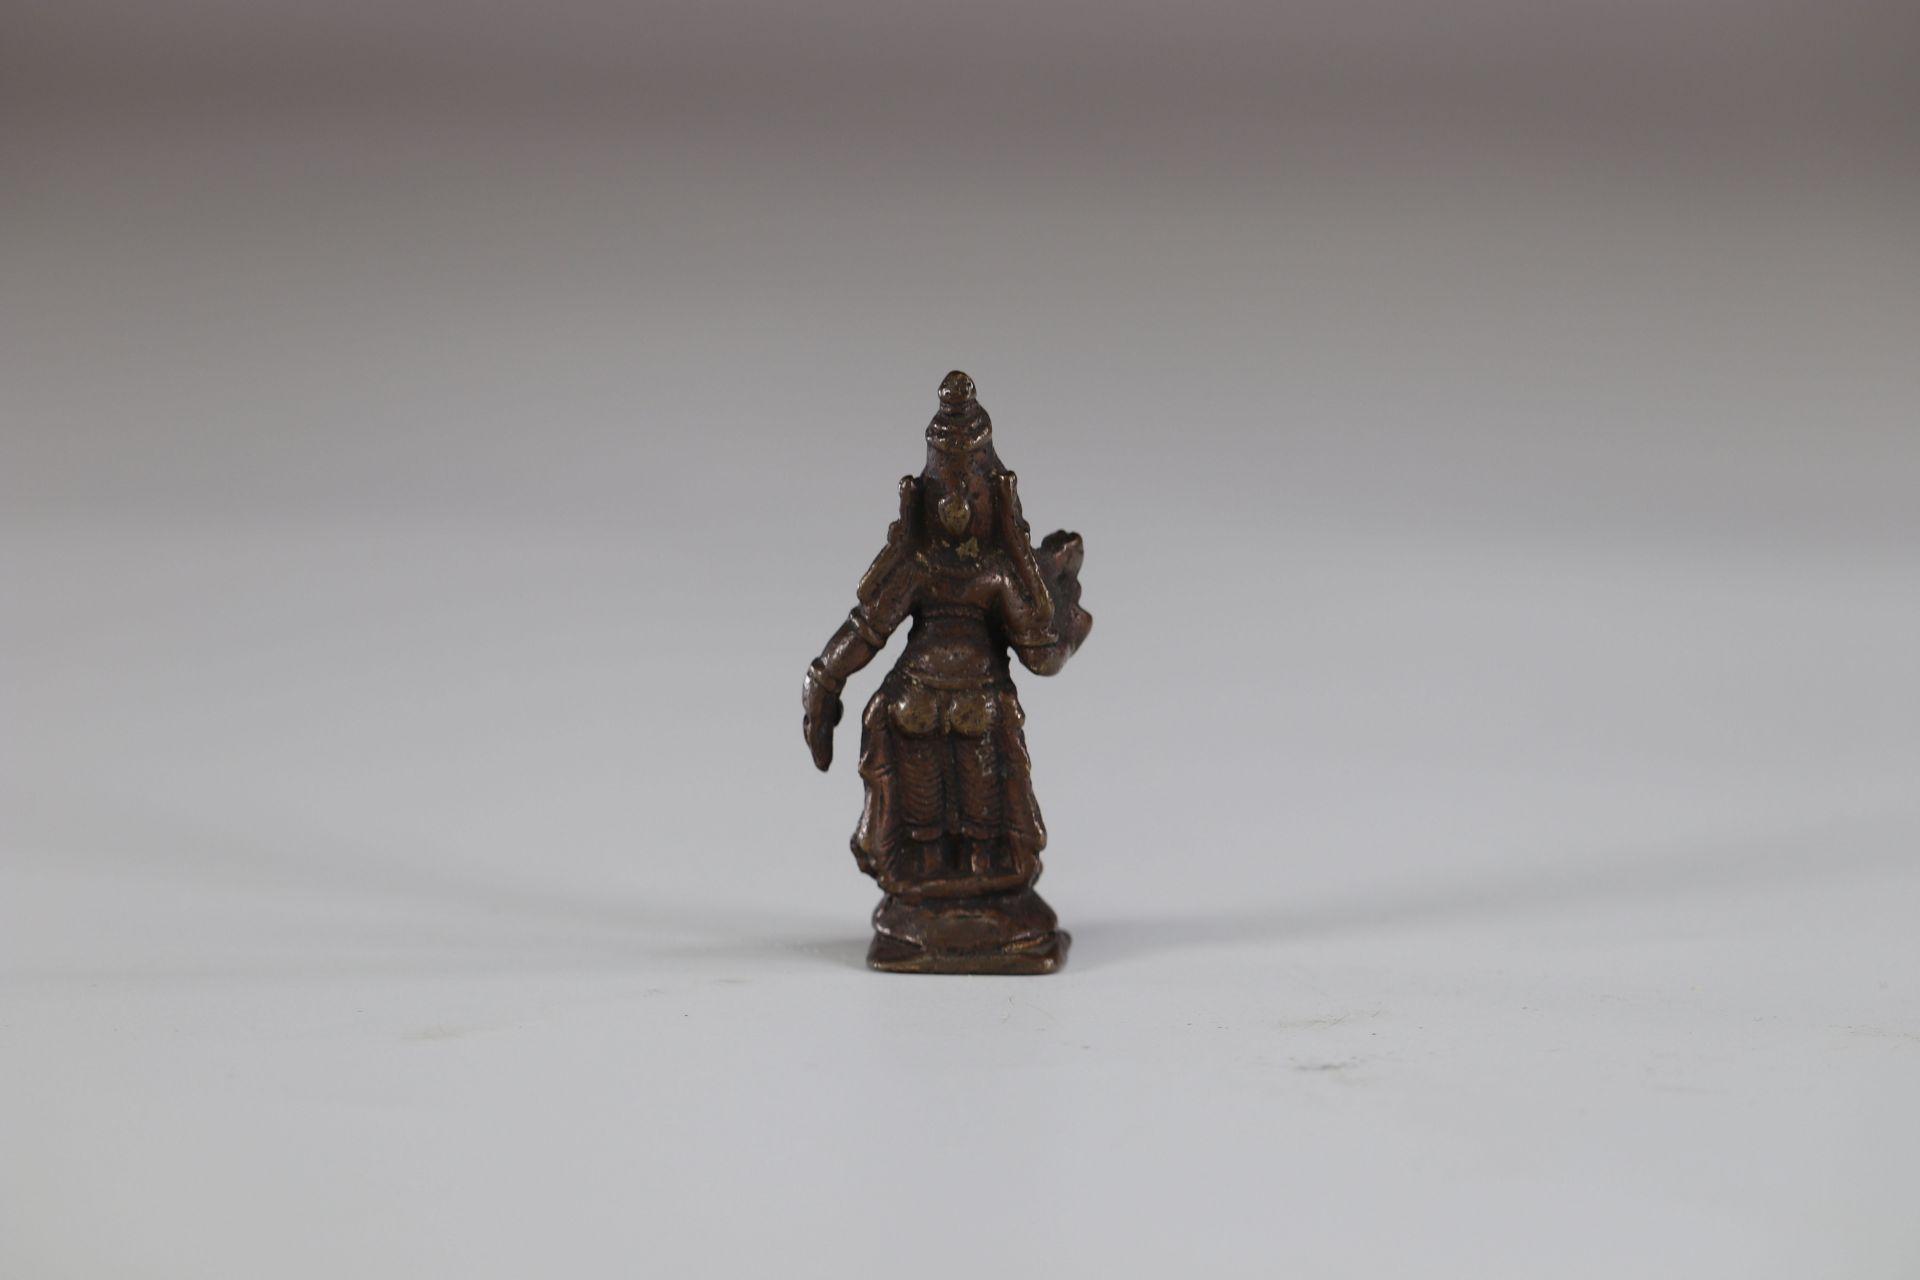 Asia bronze deity - Image 2 of 2